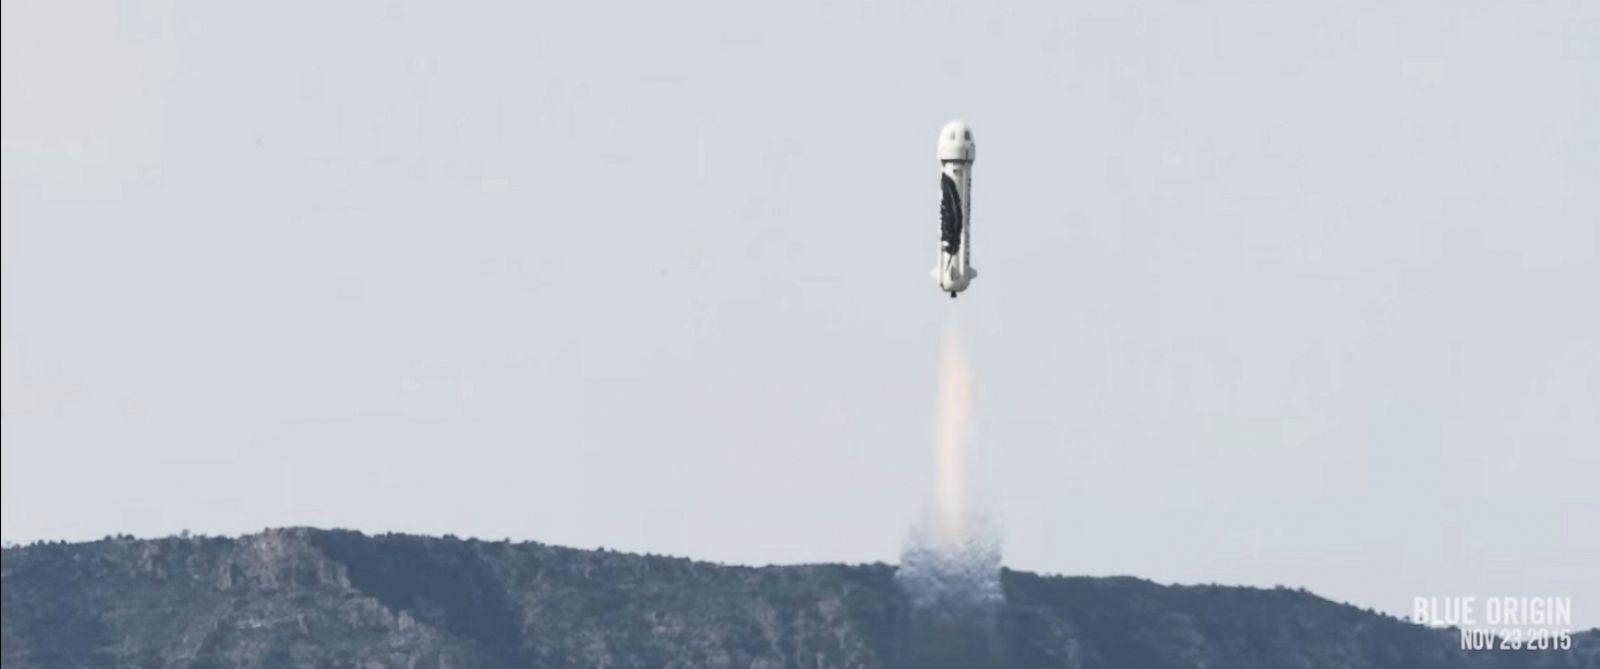 HT blue origin Rocket launch 03 mm 151124 12x5 1600 - Watch Jeff Bezos Blue Origin Launch Its New Shepard Rocket